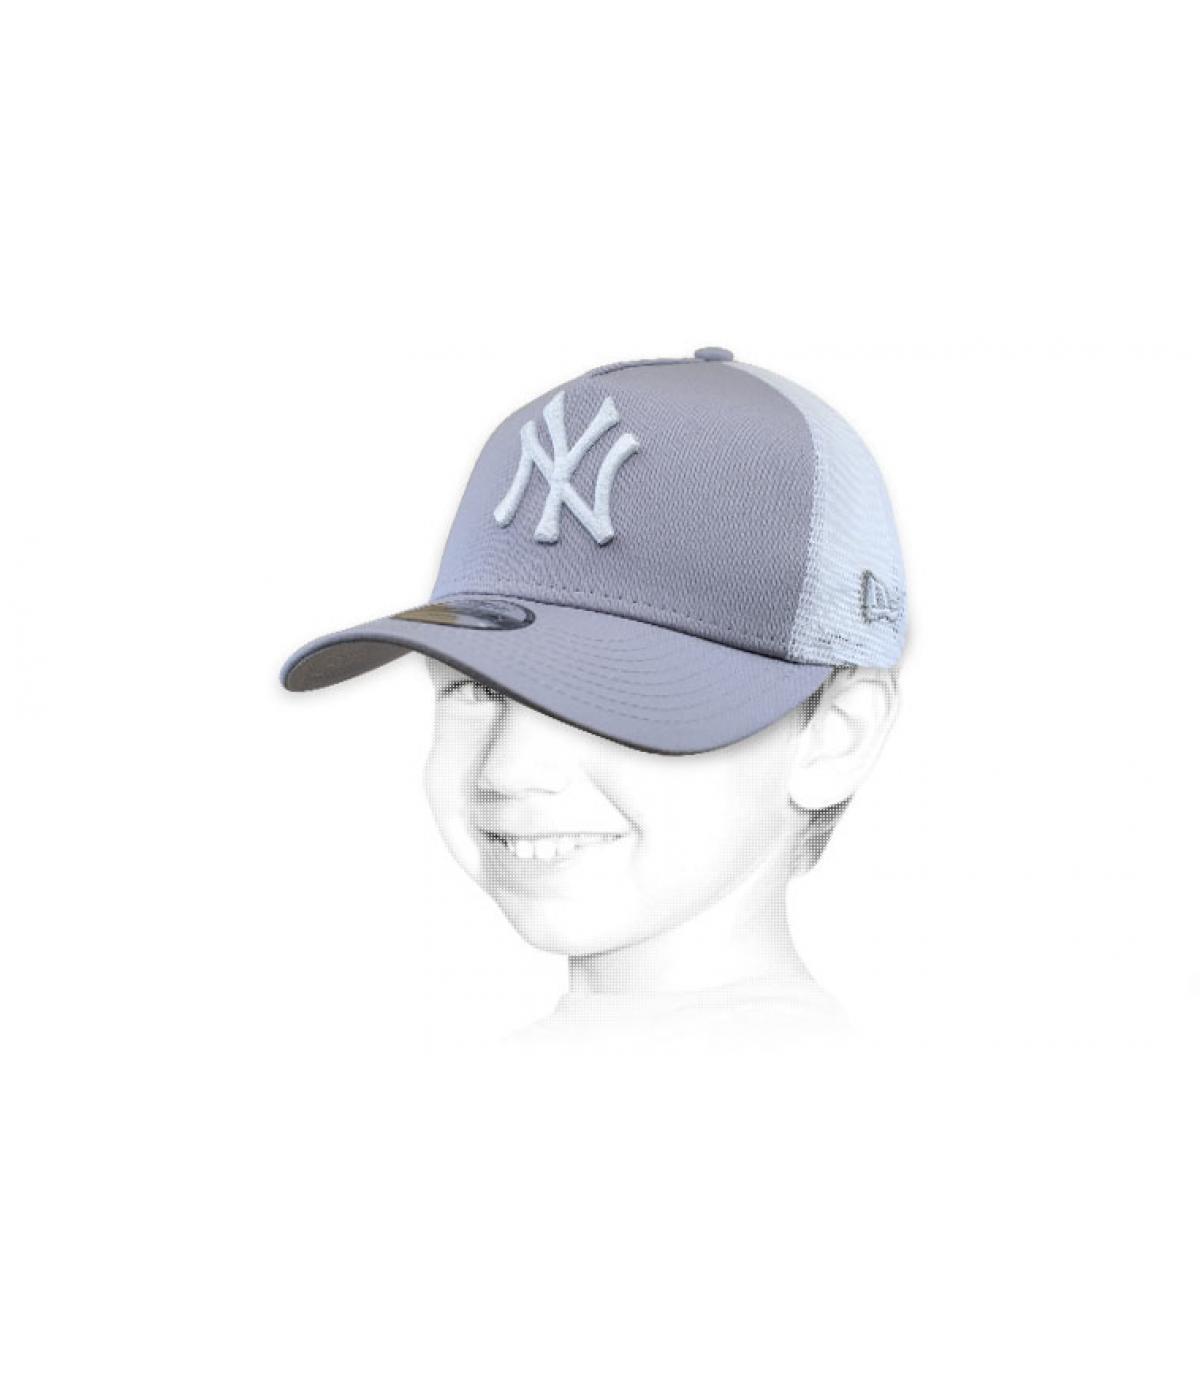 NY camionista bambino grigio